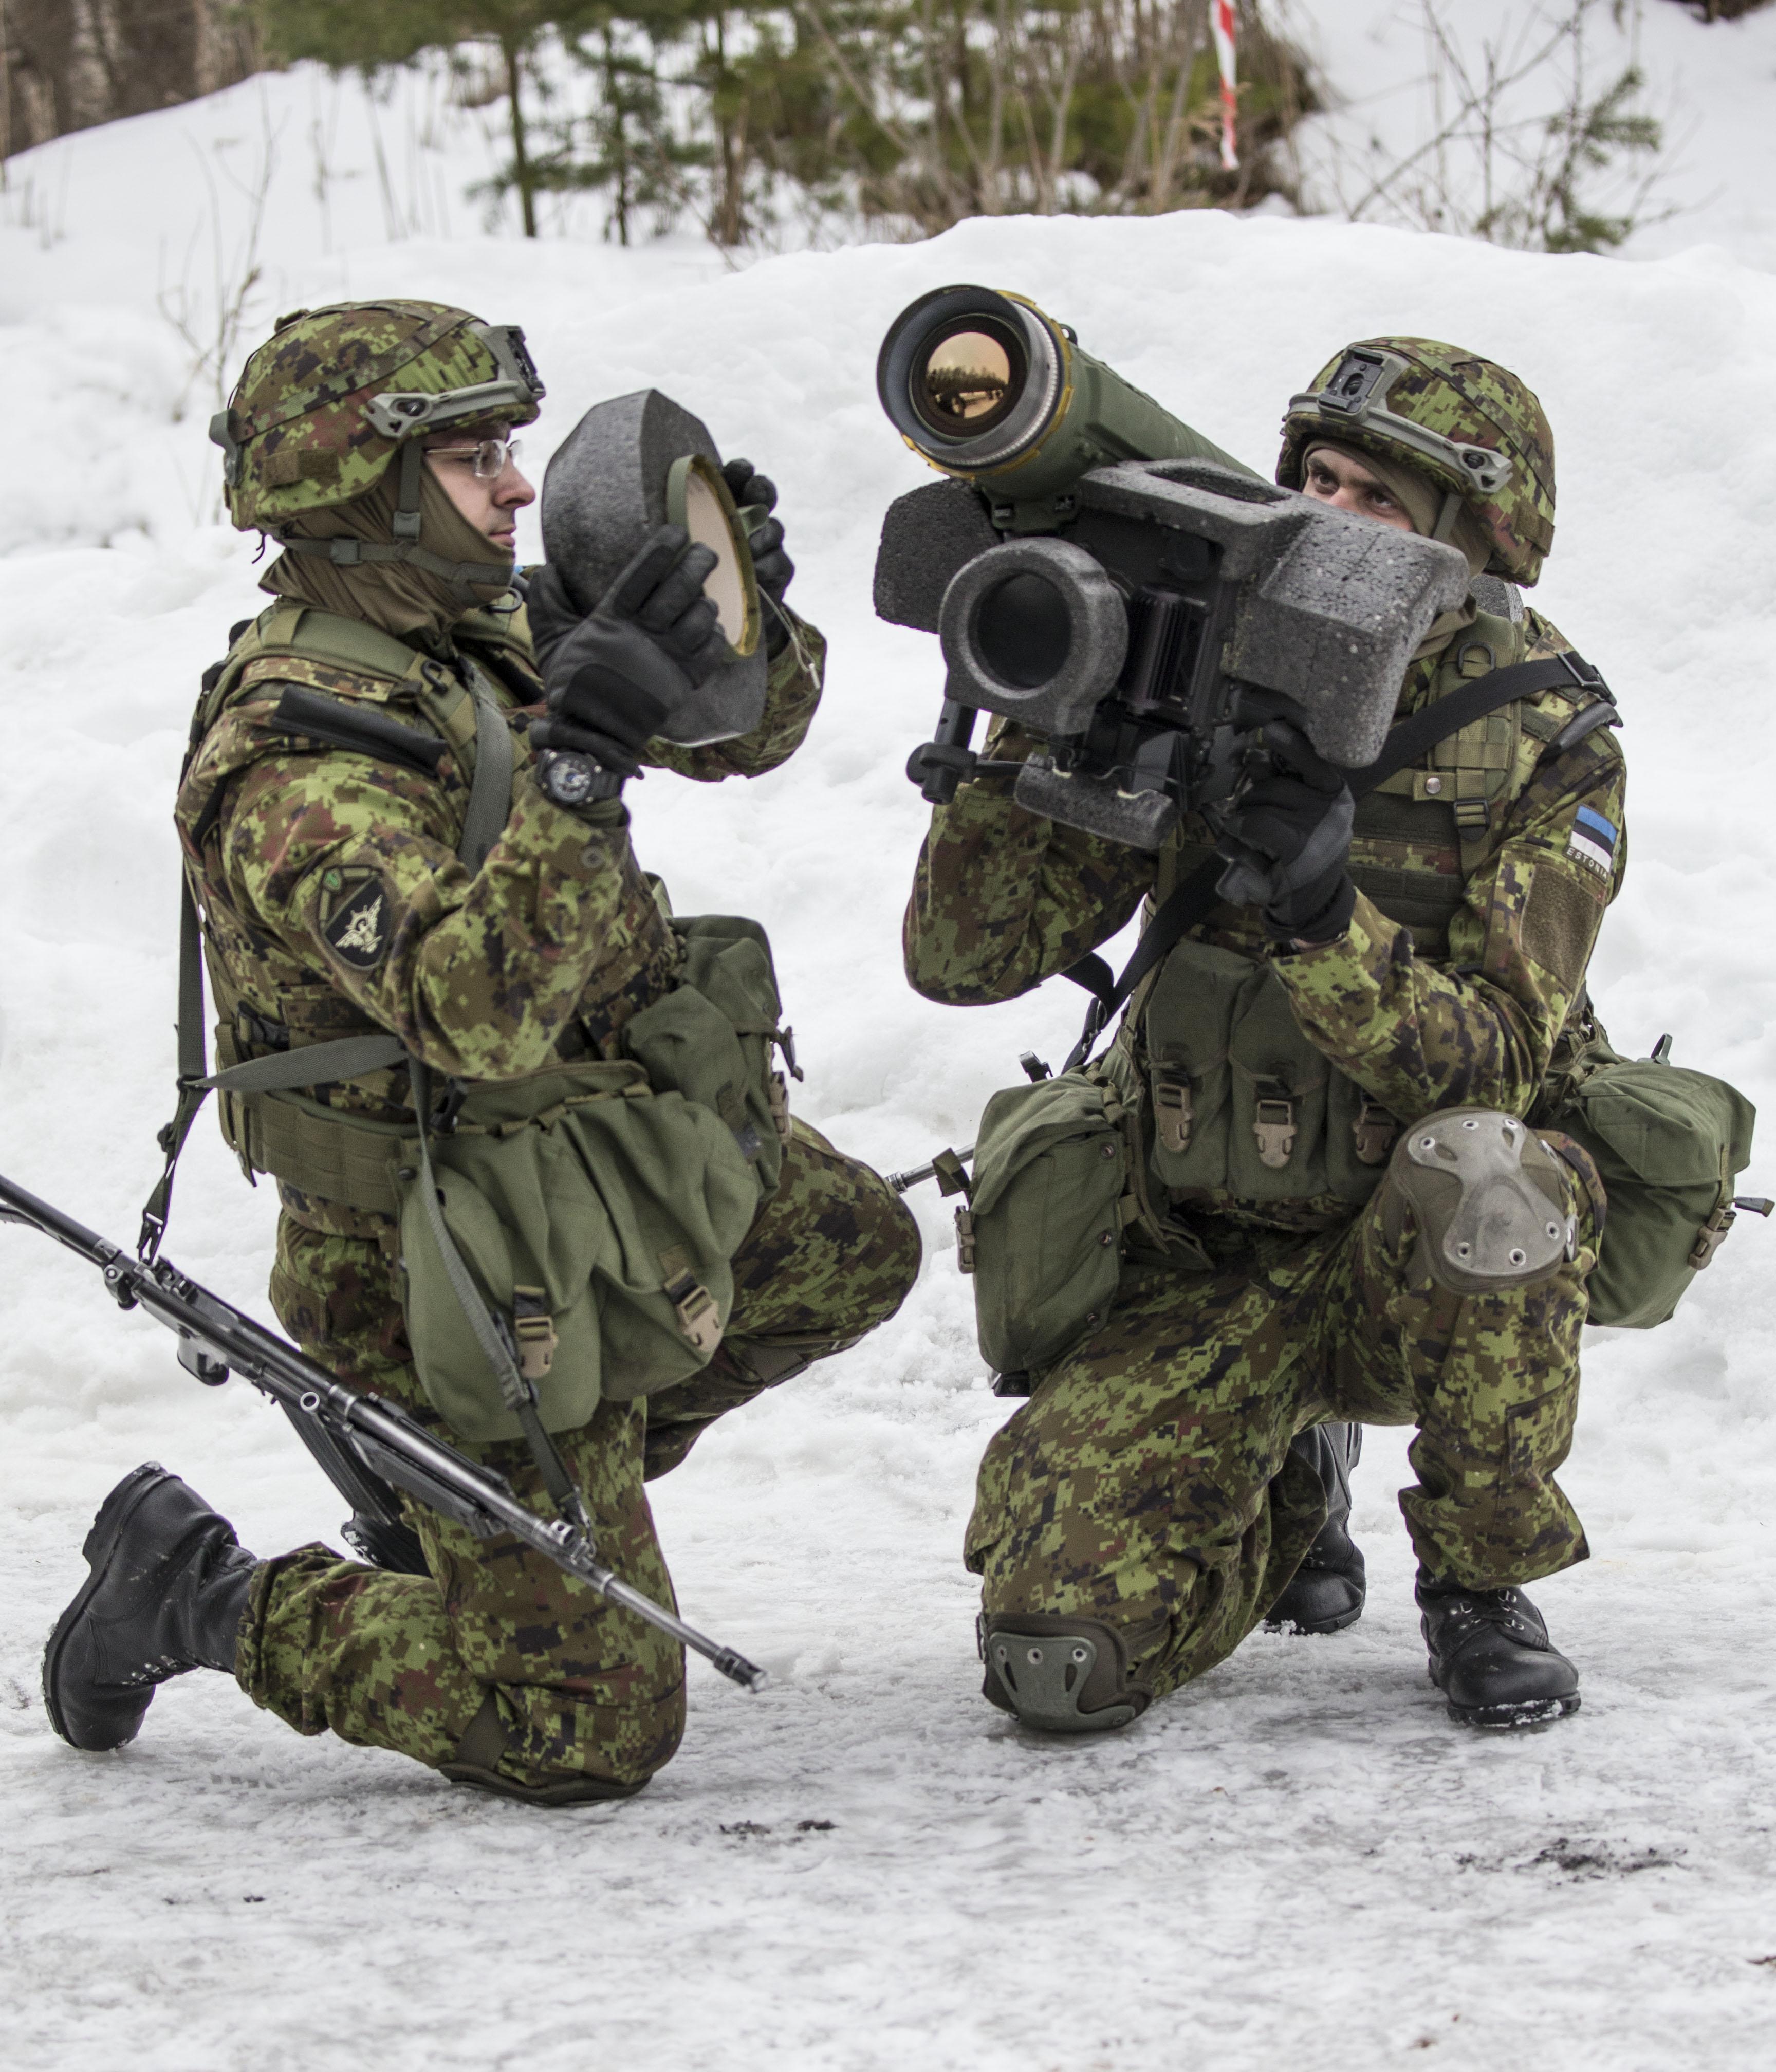 Американский противотанковый ракетный комплекс Javelin в Вируском пехотном батальоне 1-й пехотной бригады сухопутных войск Эстонии, март 2016 года.